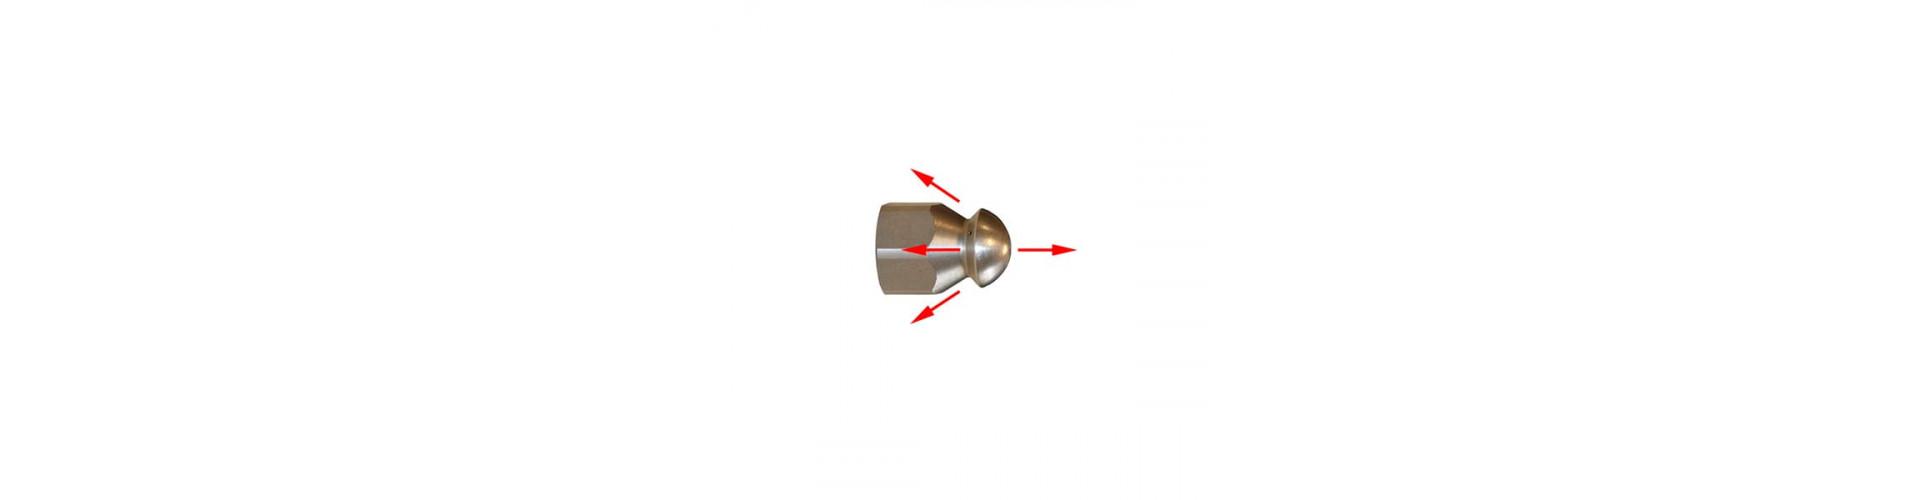 Видео работы шланга прочистки для труб 30 метров